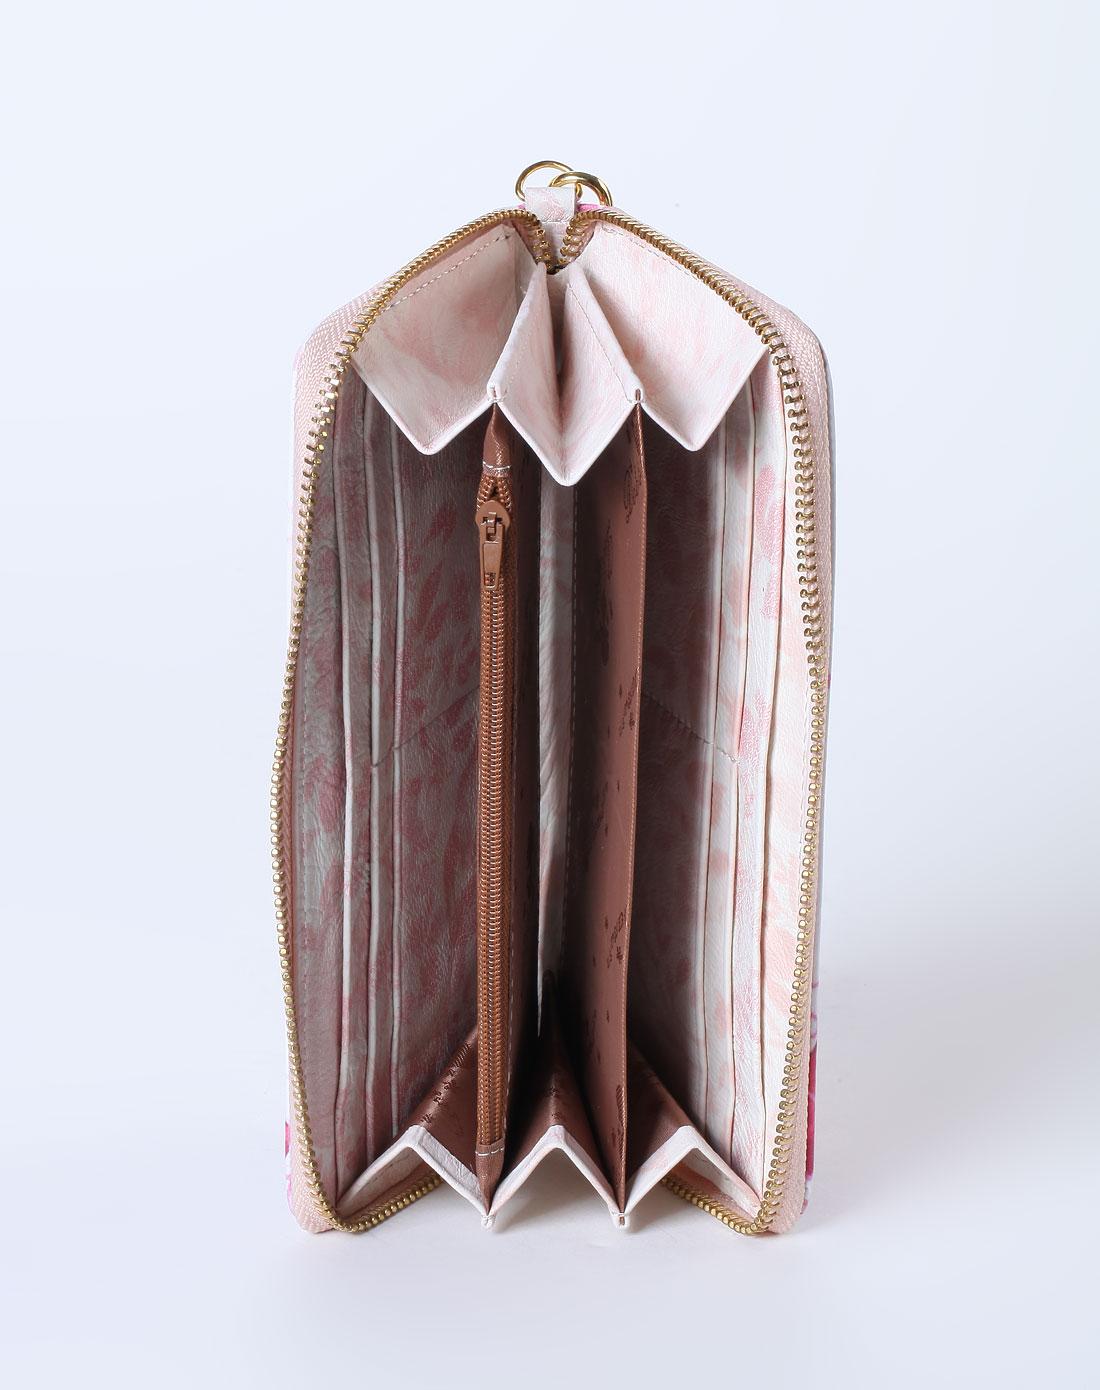 白/粉红色女孩印图拉链钱包